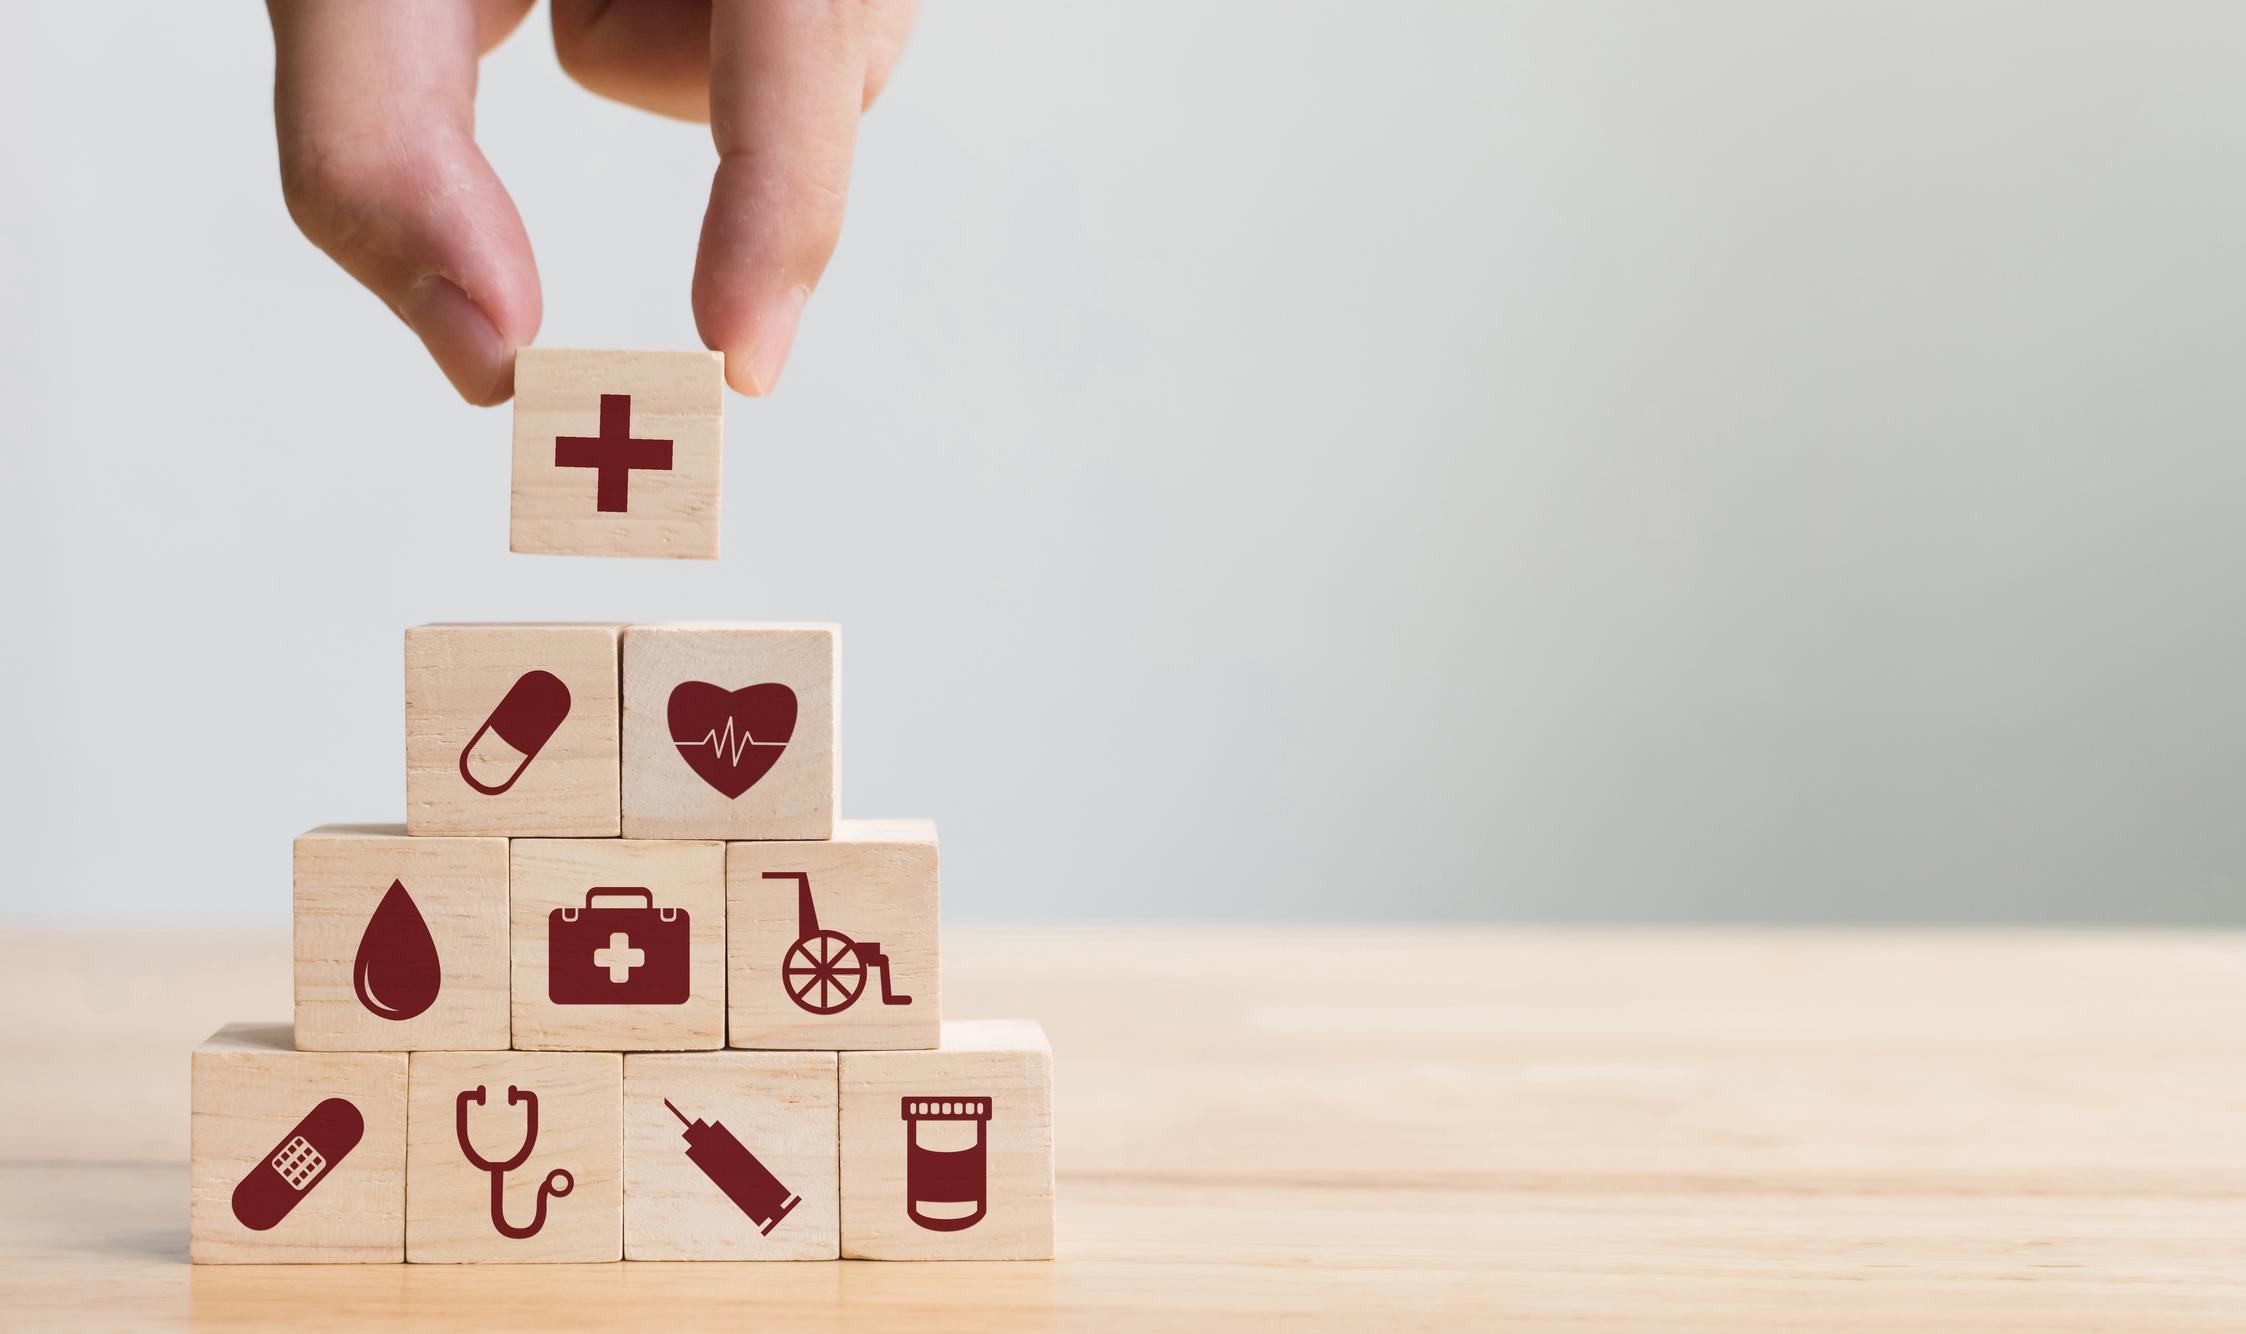 Healthcare icons on wood blocks